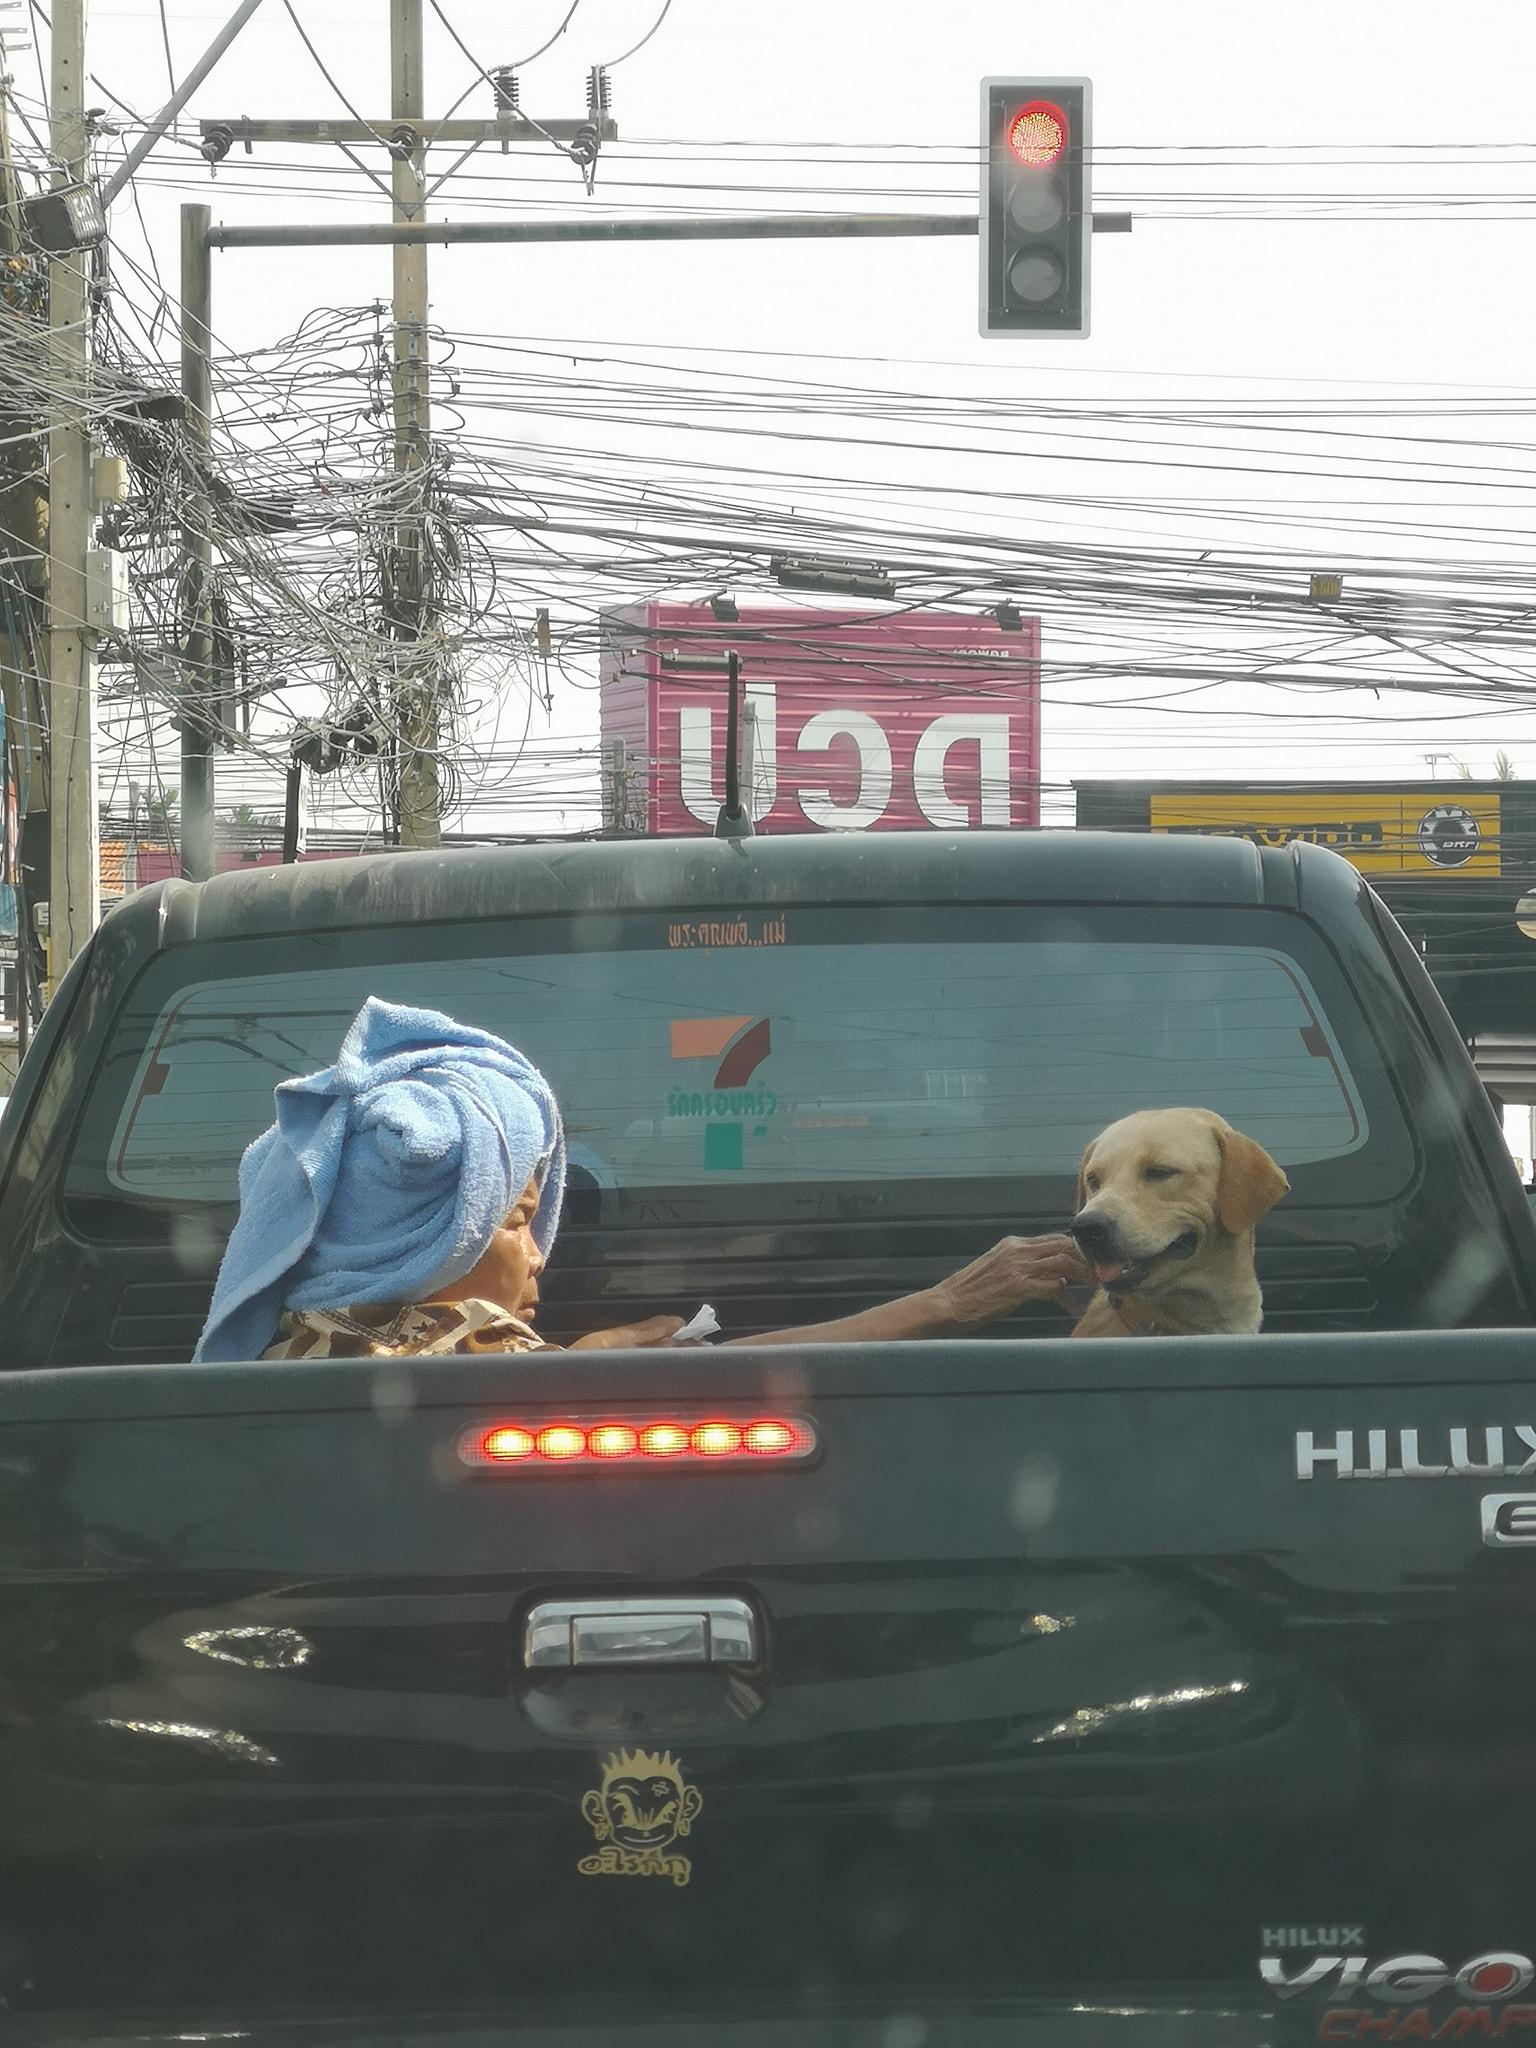 Dogilike.com :: สุดเอ็นดู เมื่อคุณยายนั่งหลังกระบะเป็นเพื่อนน้องหมาที่ป่วยอยู่